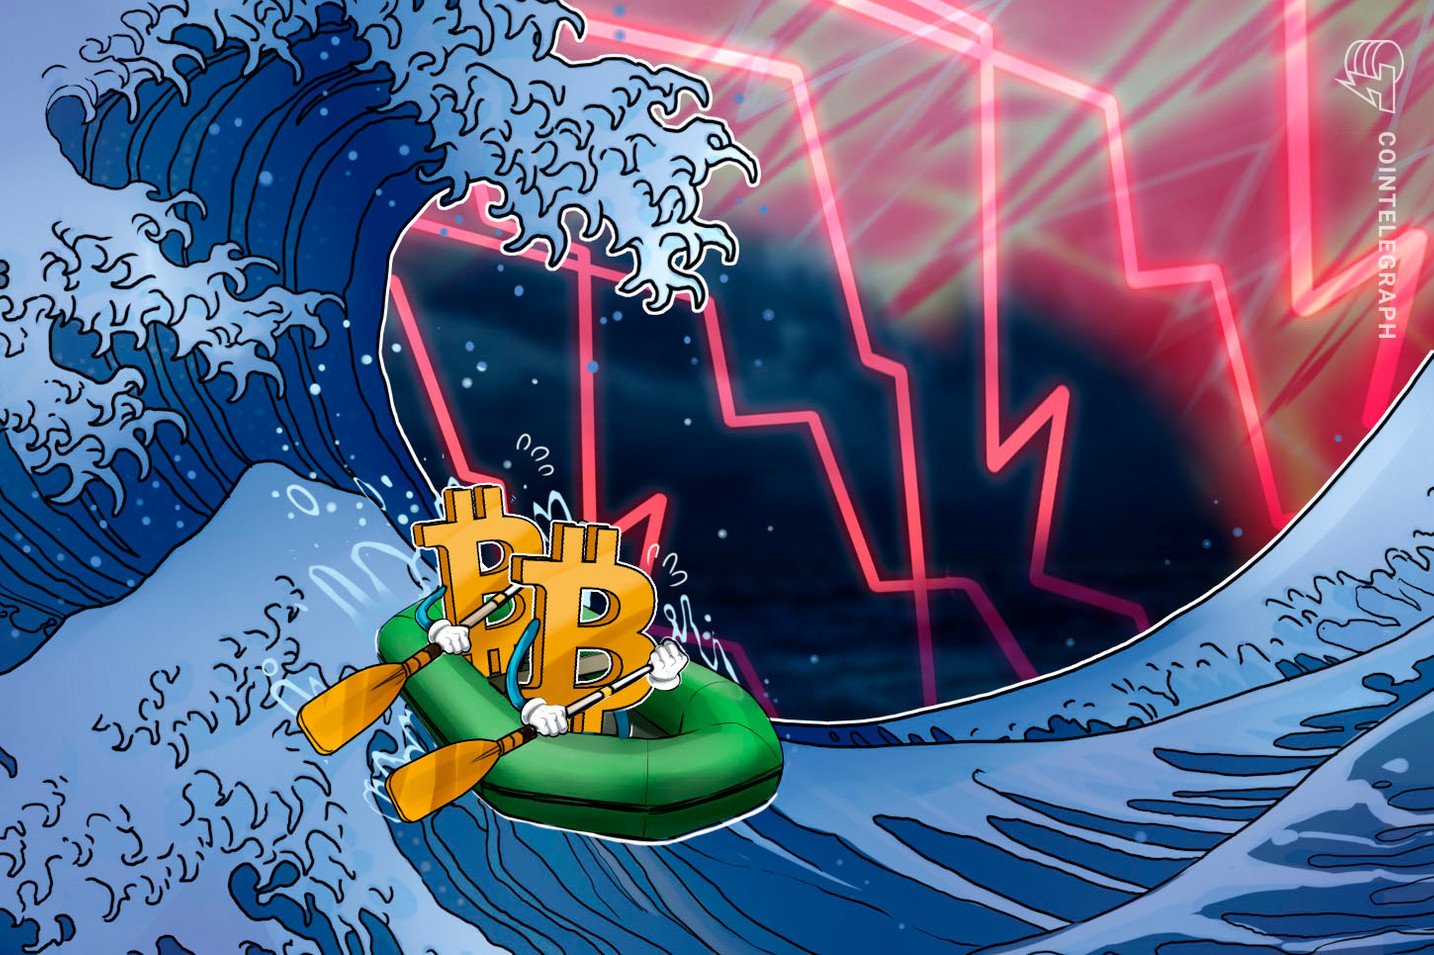 仮想通貨ビットコイン、5万ドル突破に苦戦 |「3月は弱気」は今年も当てはまるか